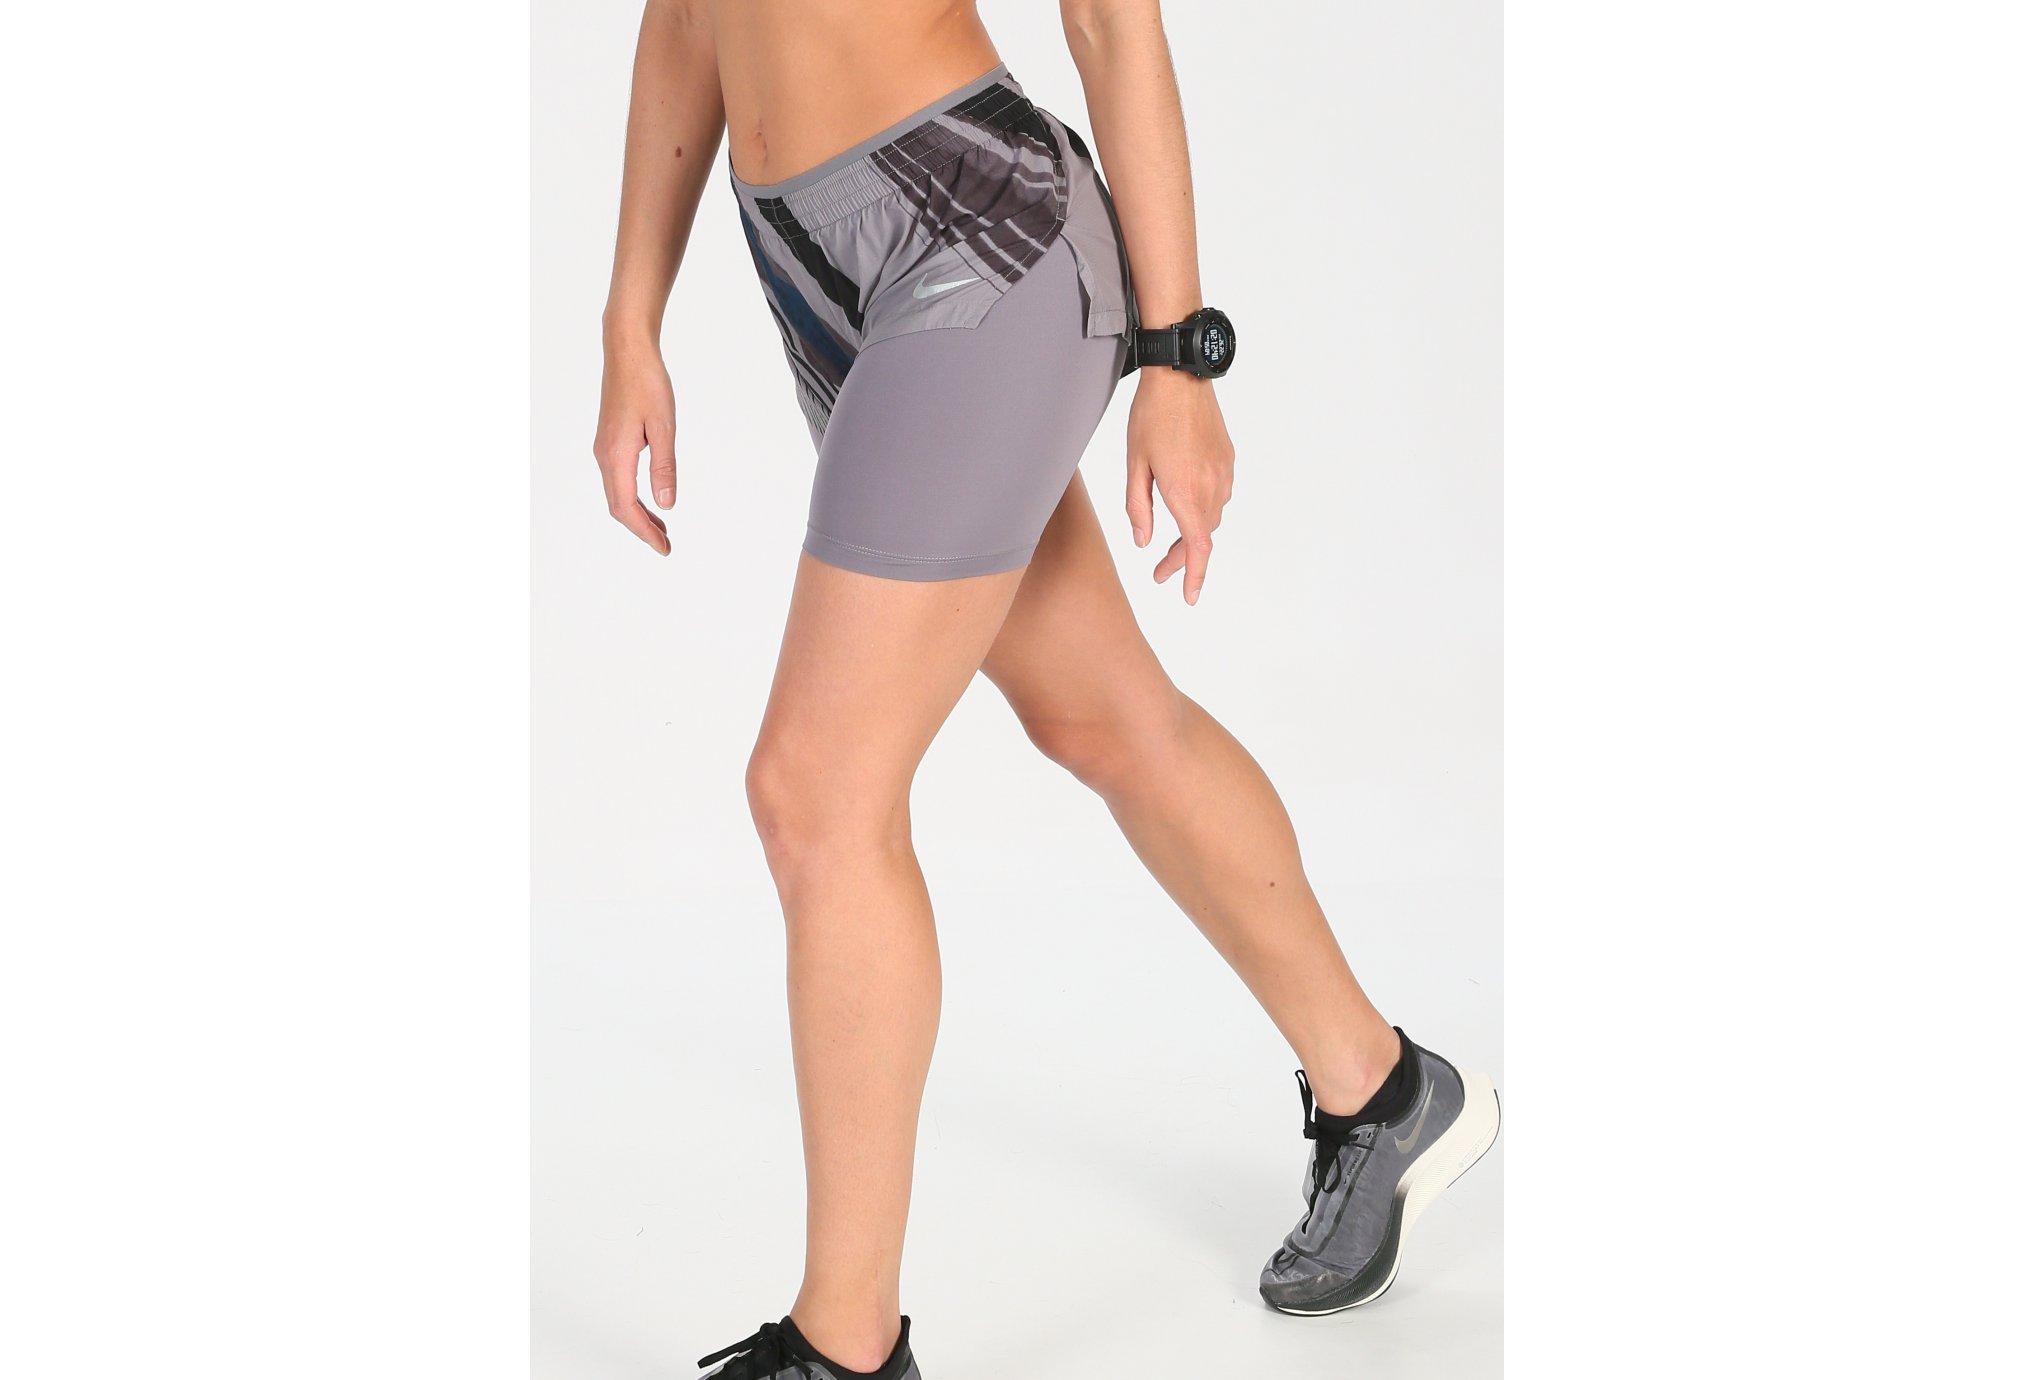 Nike Elevate Eva W Diététique Vêtements femme